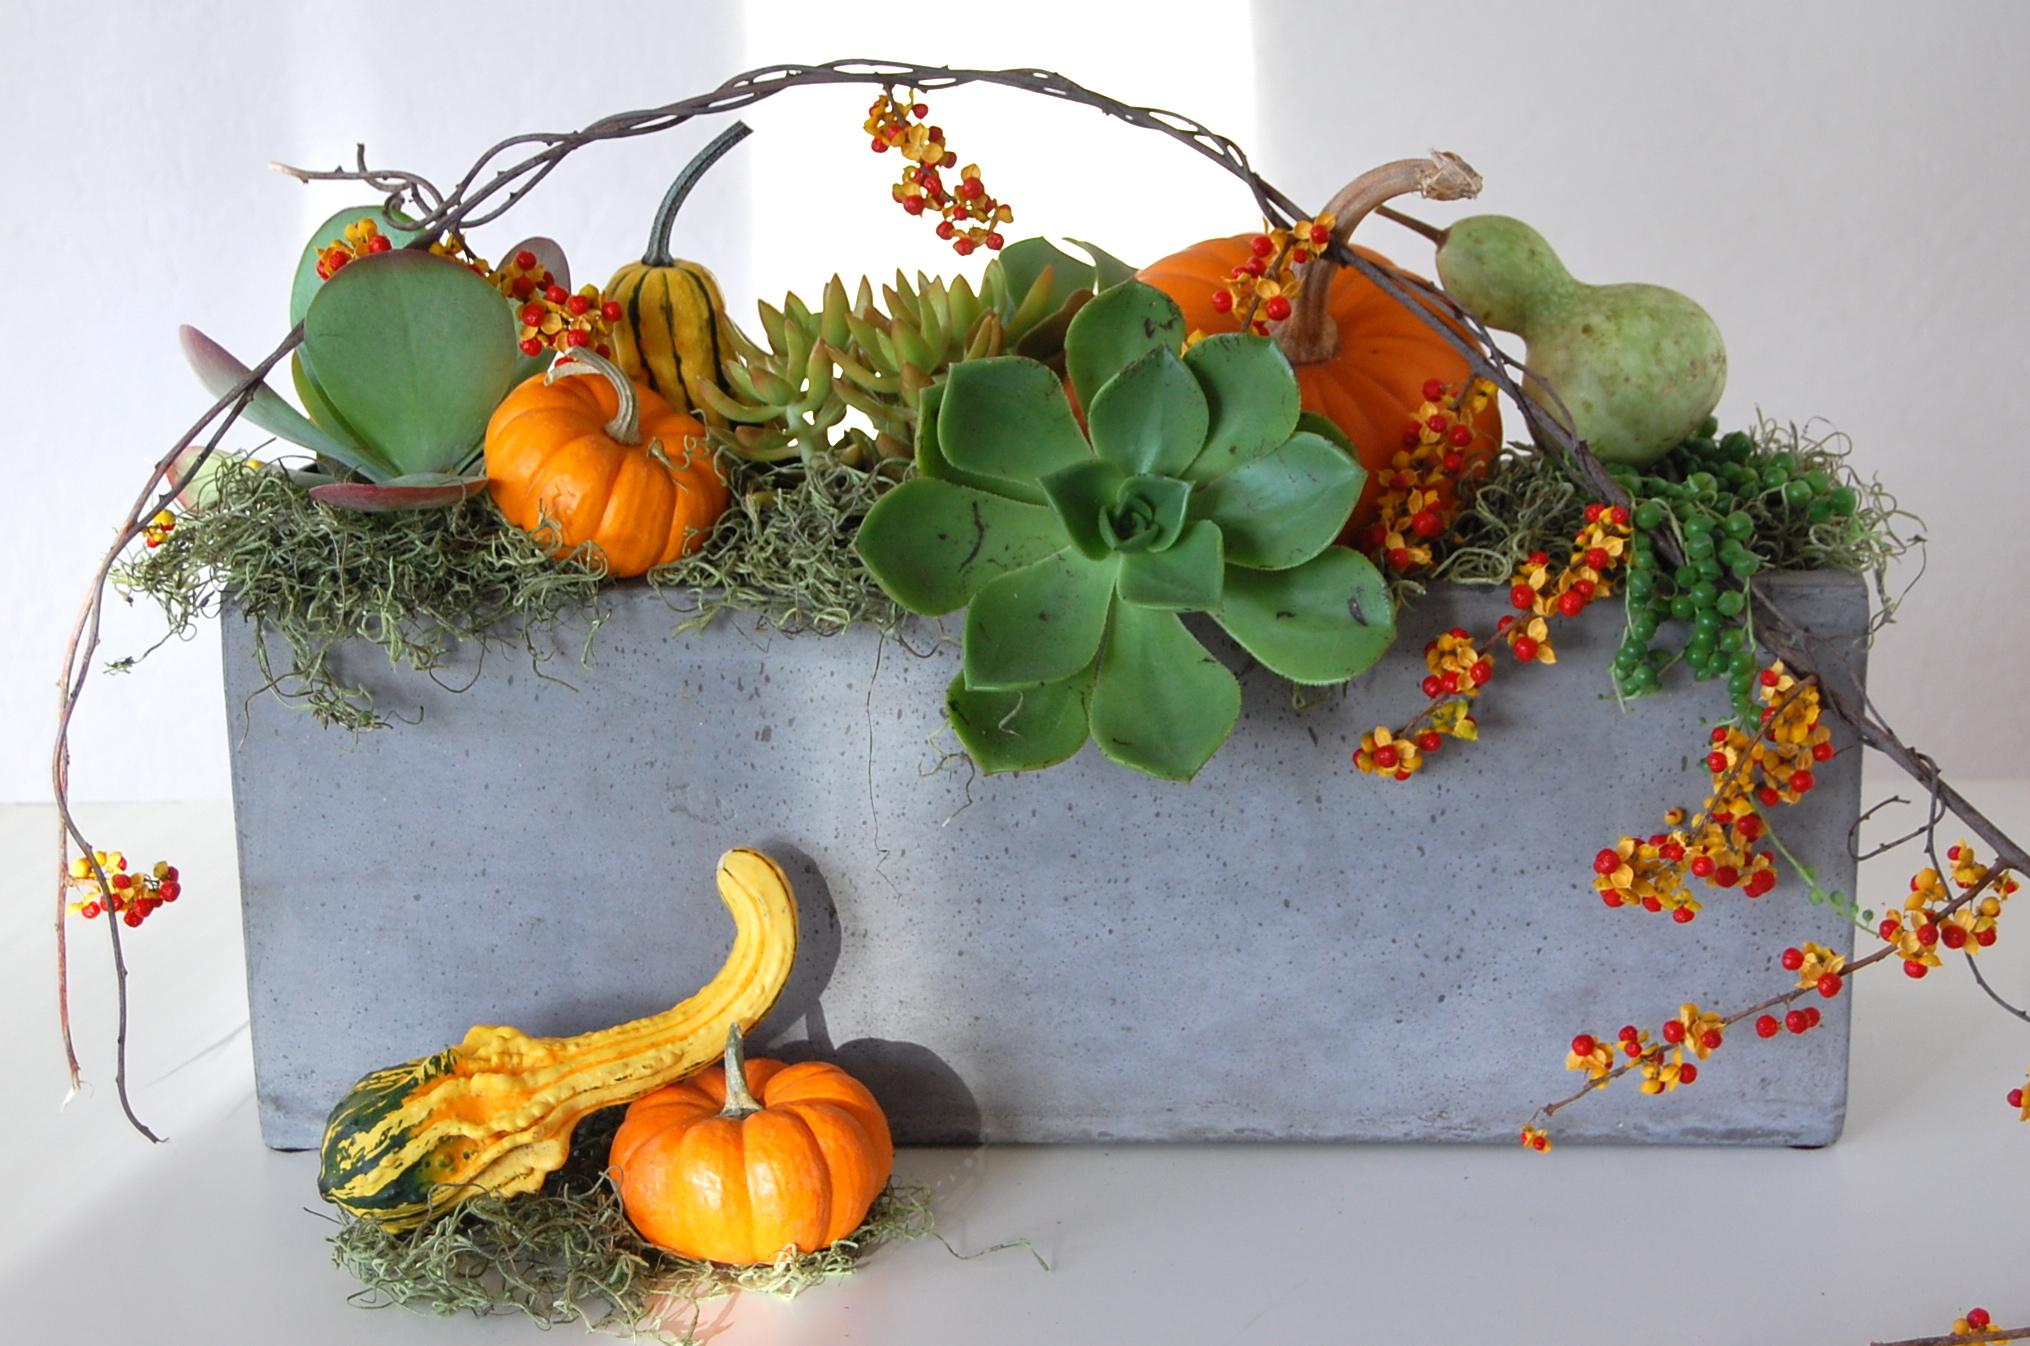 Thanksgiving Concrete Rectangle Centerpiece With Succulents, Pumpkins & Goards